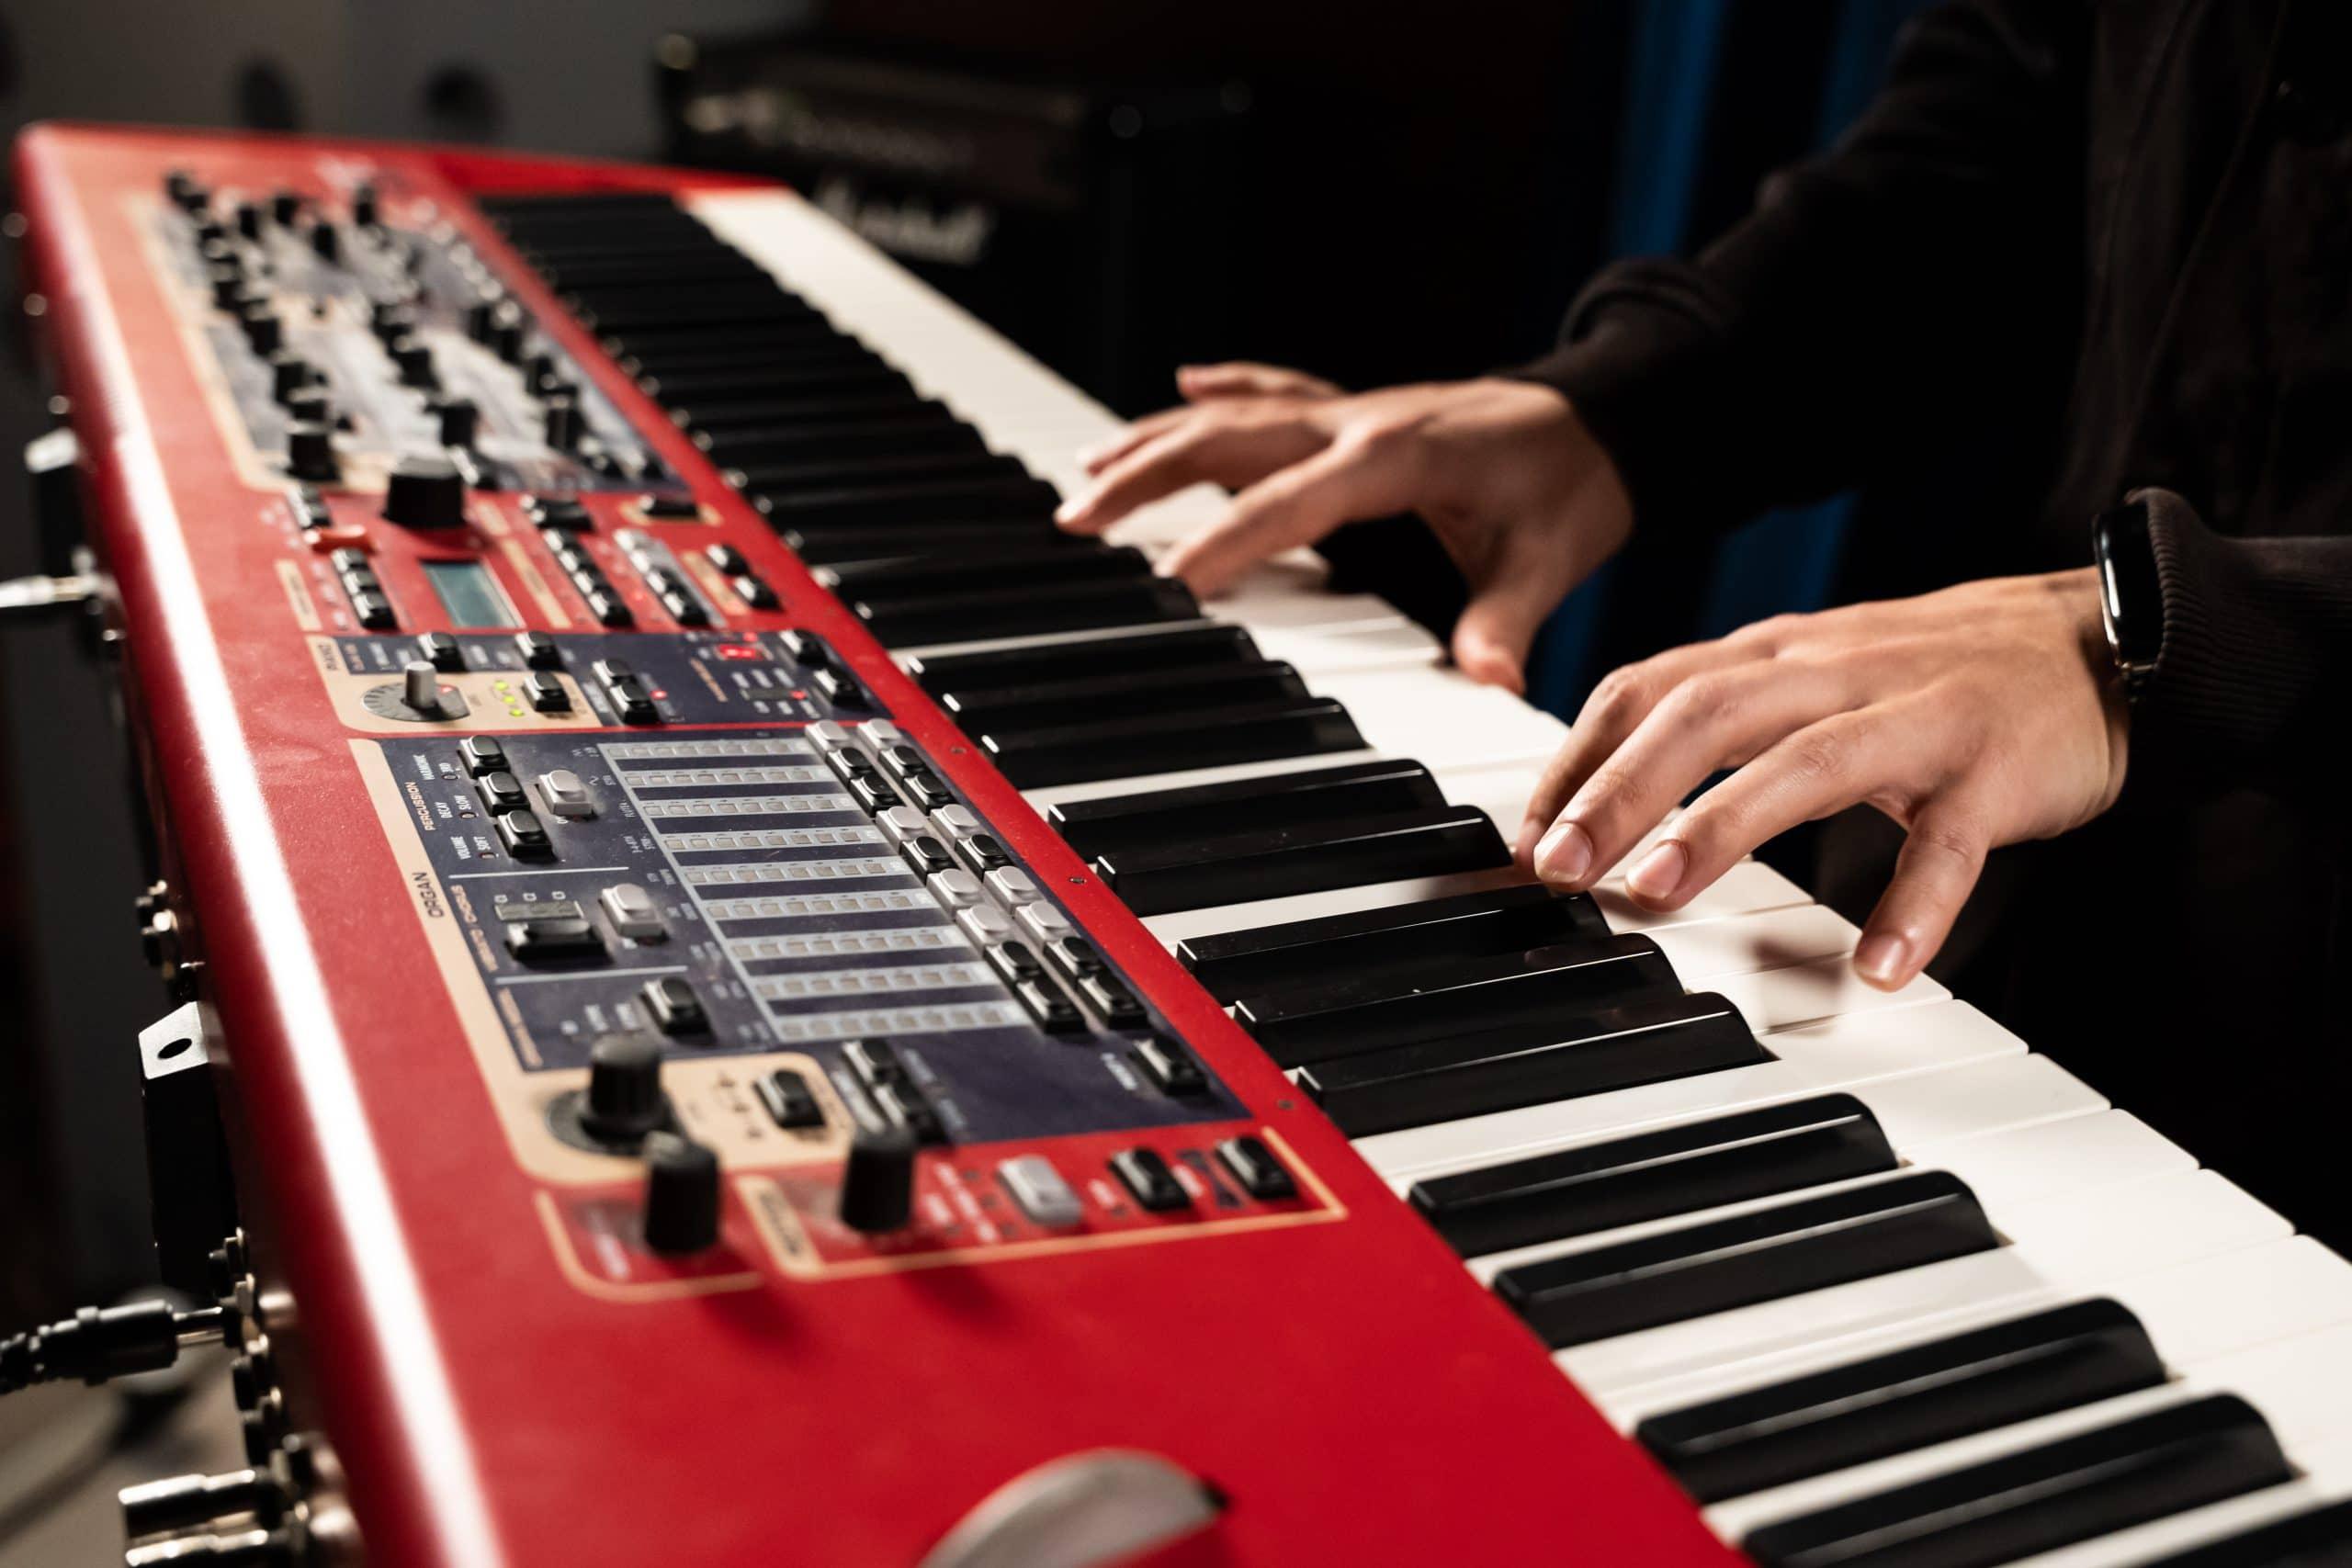 pianisti soittaa sähköpianoa